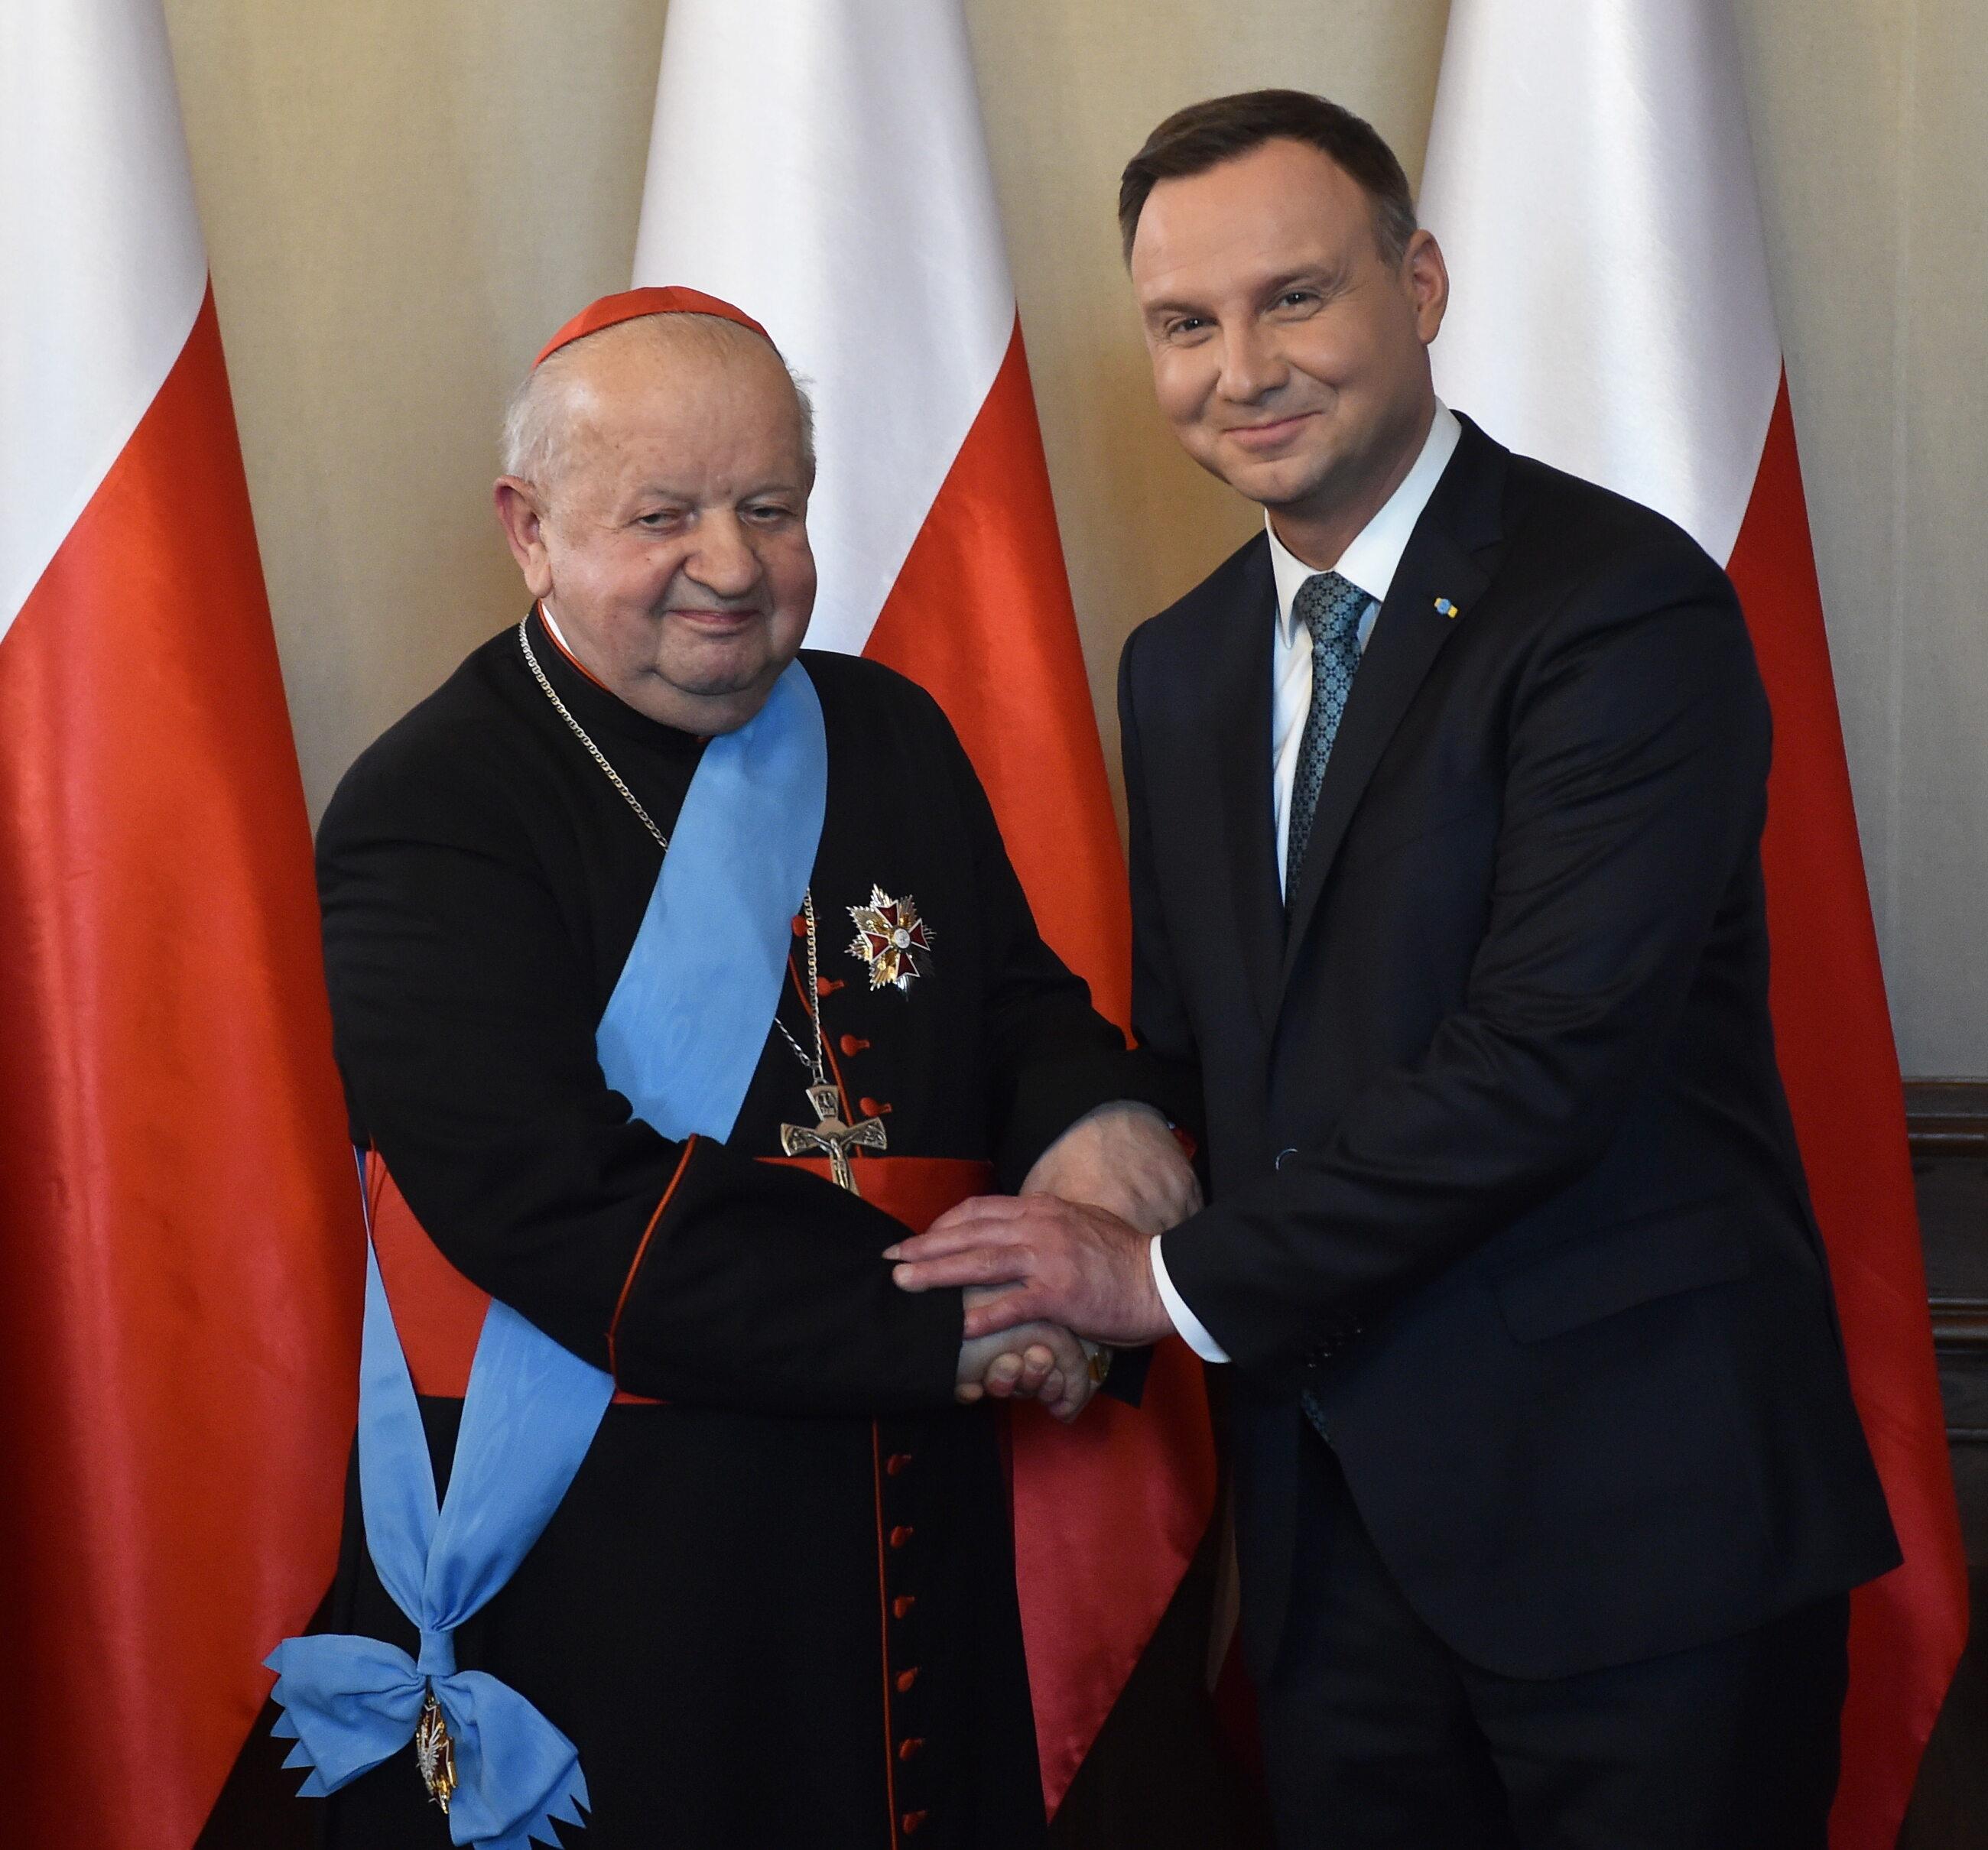 Prezydent Andrzej Duda i kardynał Stanisław Dziwisz